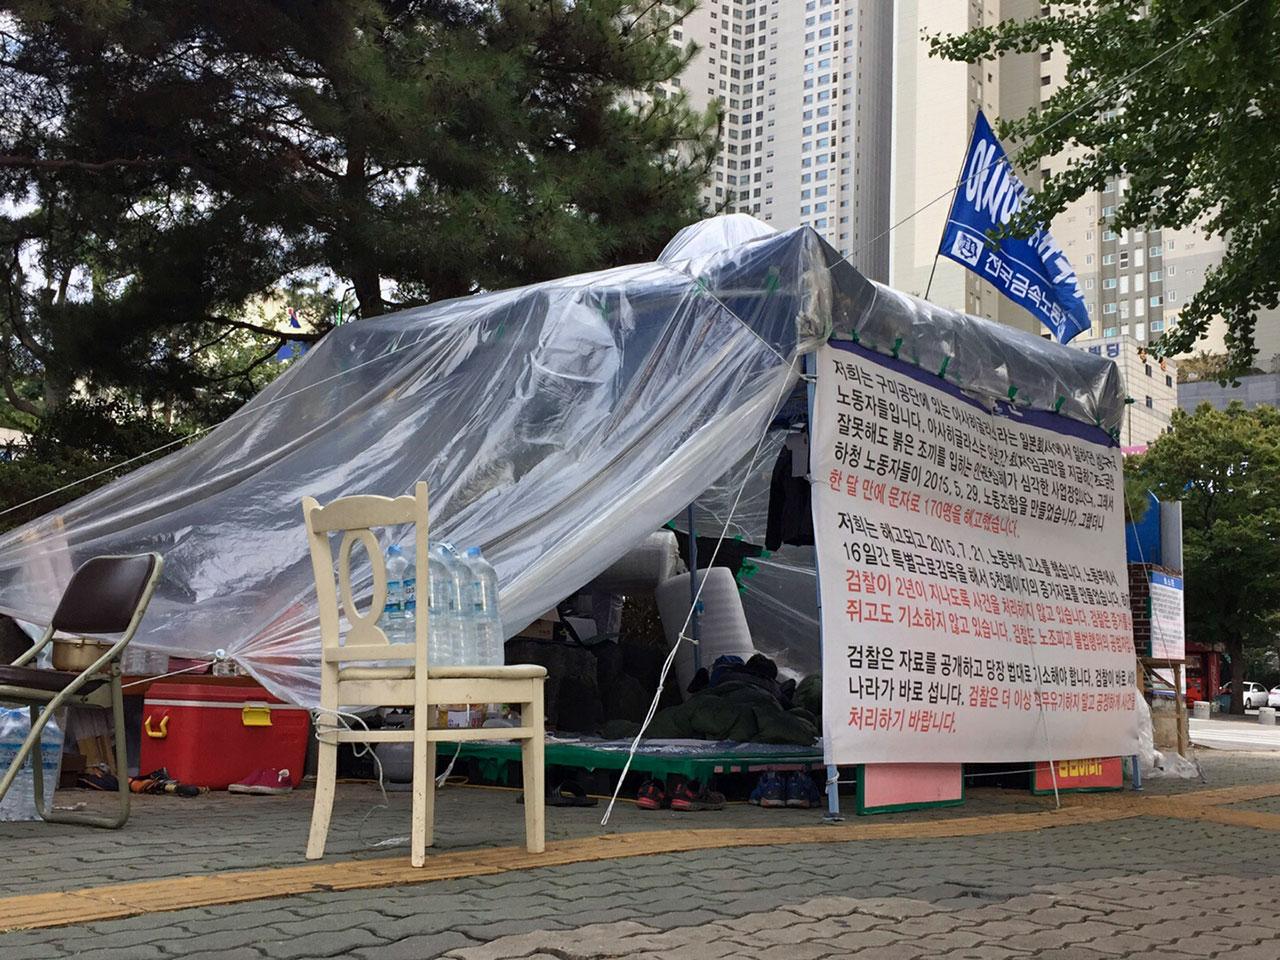 아사히글라스 비정규직 지회는 지난 8월 29일 대구지방검찰청 앞에 두 번째 천막을 치고 농성을 시작했다. 이들은 검찰이 하루바삐 회사를 기소할 것을 요구하고 있다.